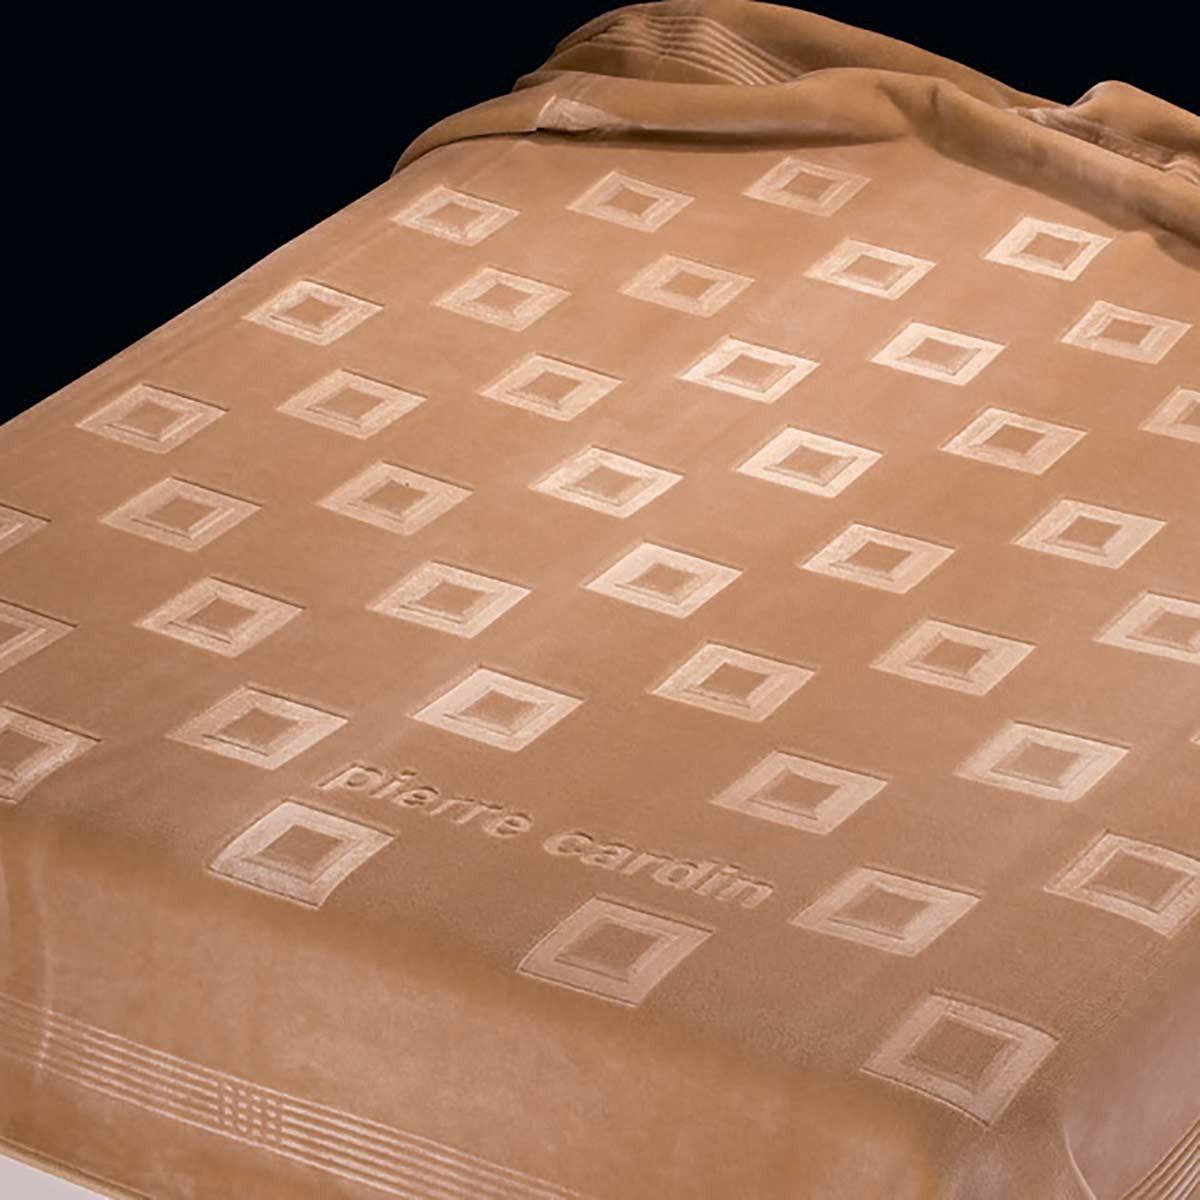 Κουβέρτα Βελουτέ Υπέρδιπλη Pierre Cardin Nancy 450/18